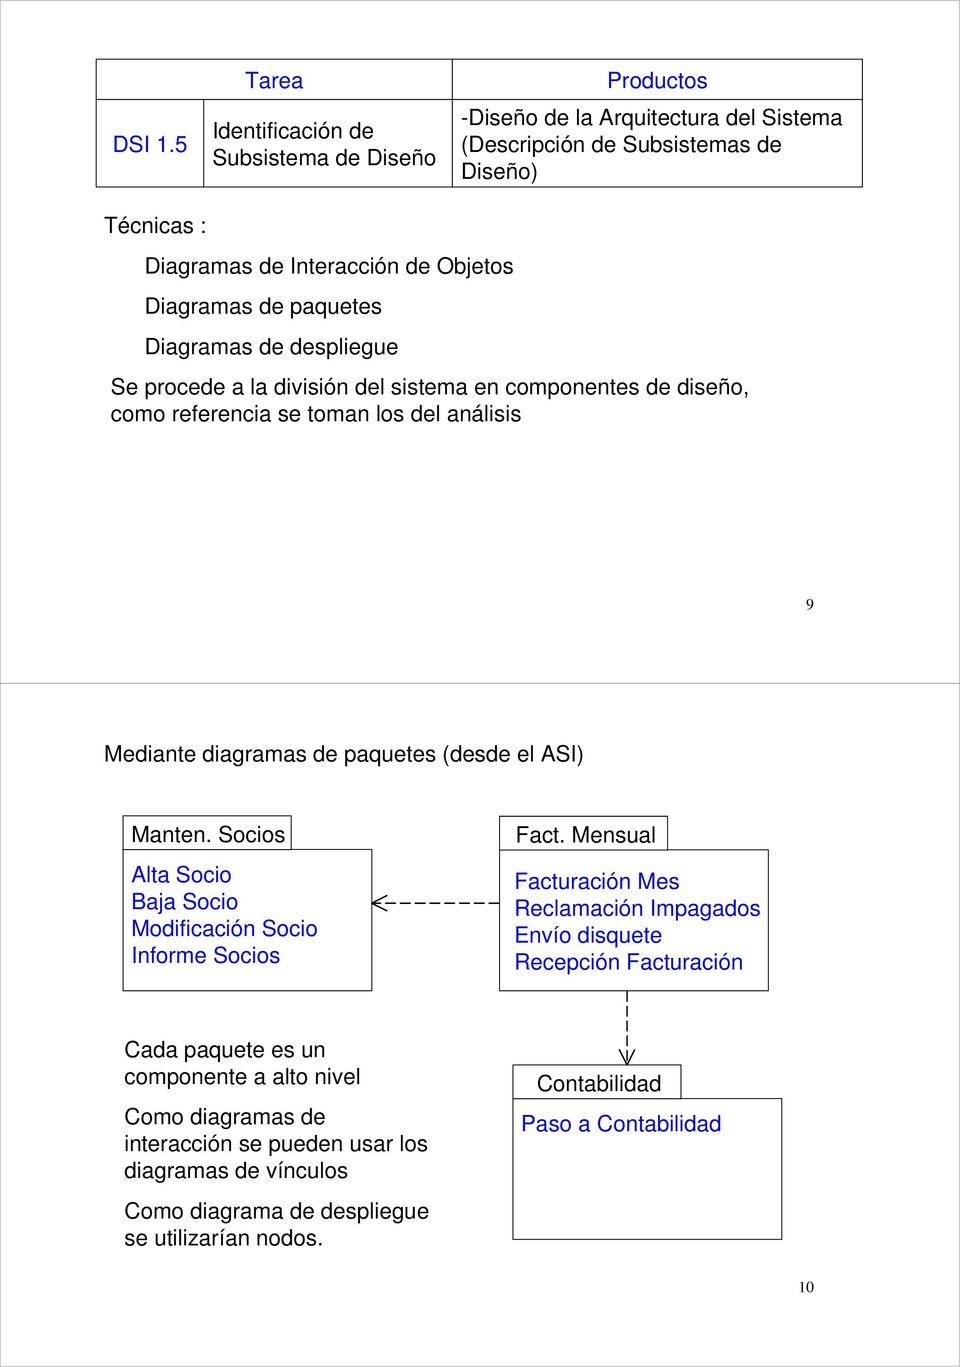 medium resolution of diagramas de despliegue se procede a la divisi n del sistema en componentes de dise o como